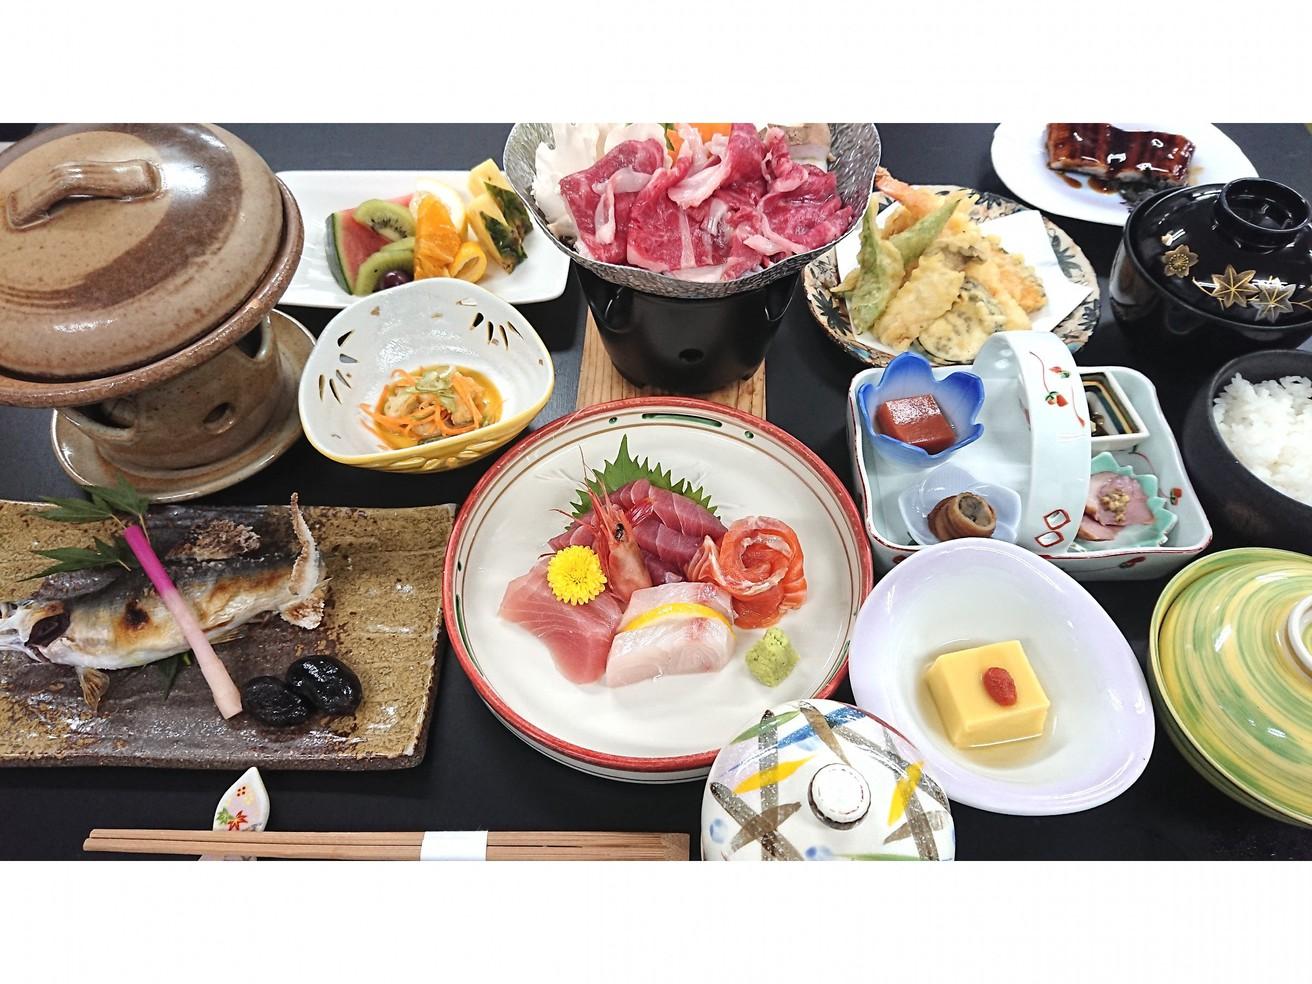 【赤城山得コース】プラン!地元の食材を惜しげもなく使用した特別料理◇今なら5000円OFFで販売中◇